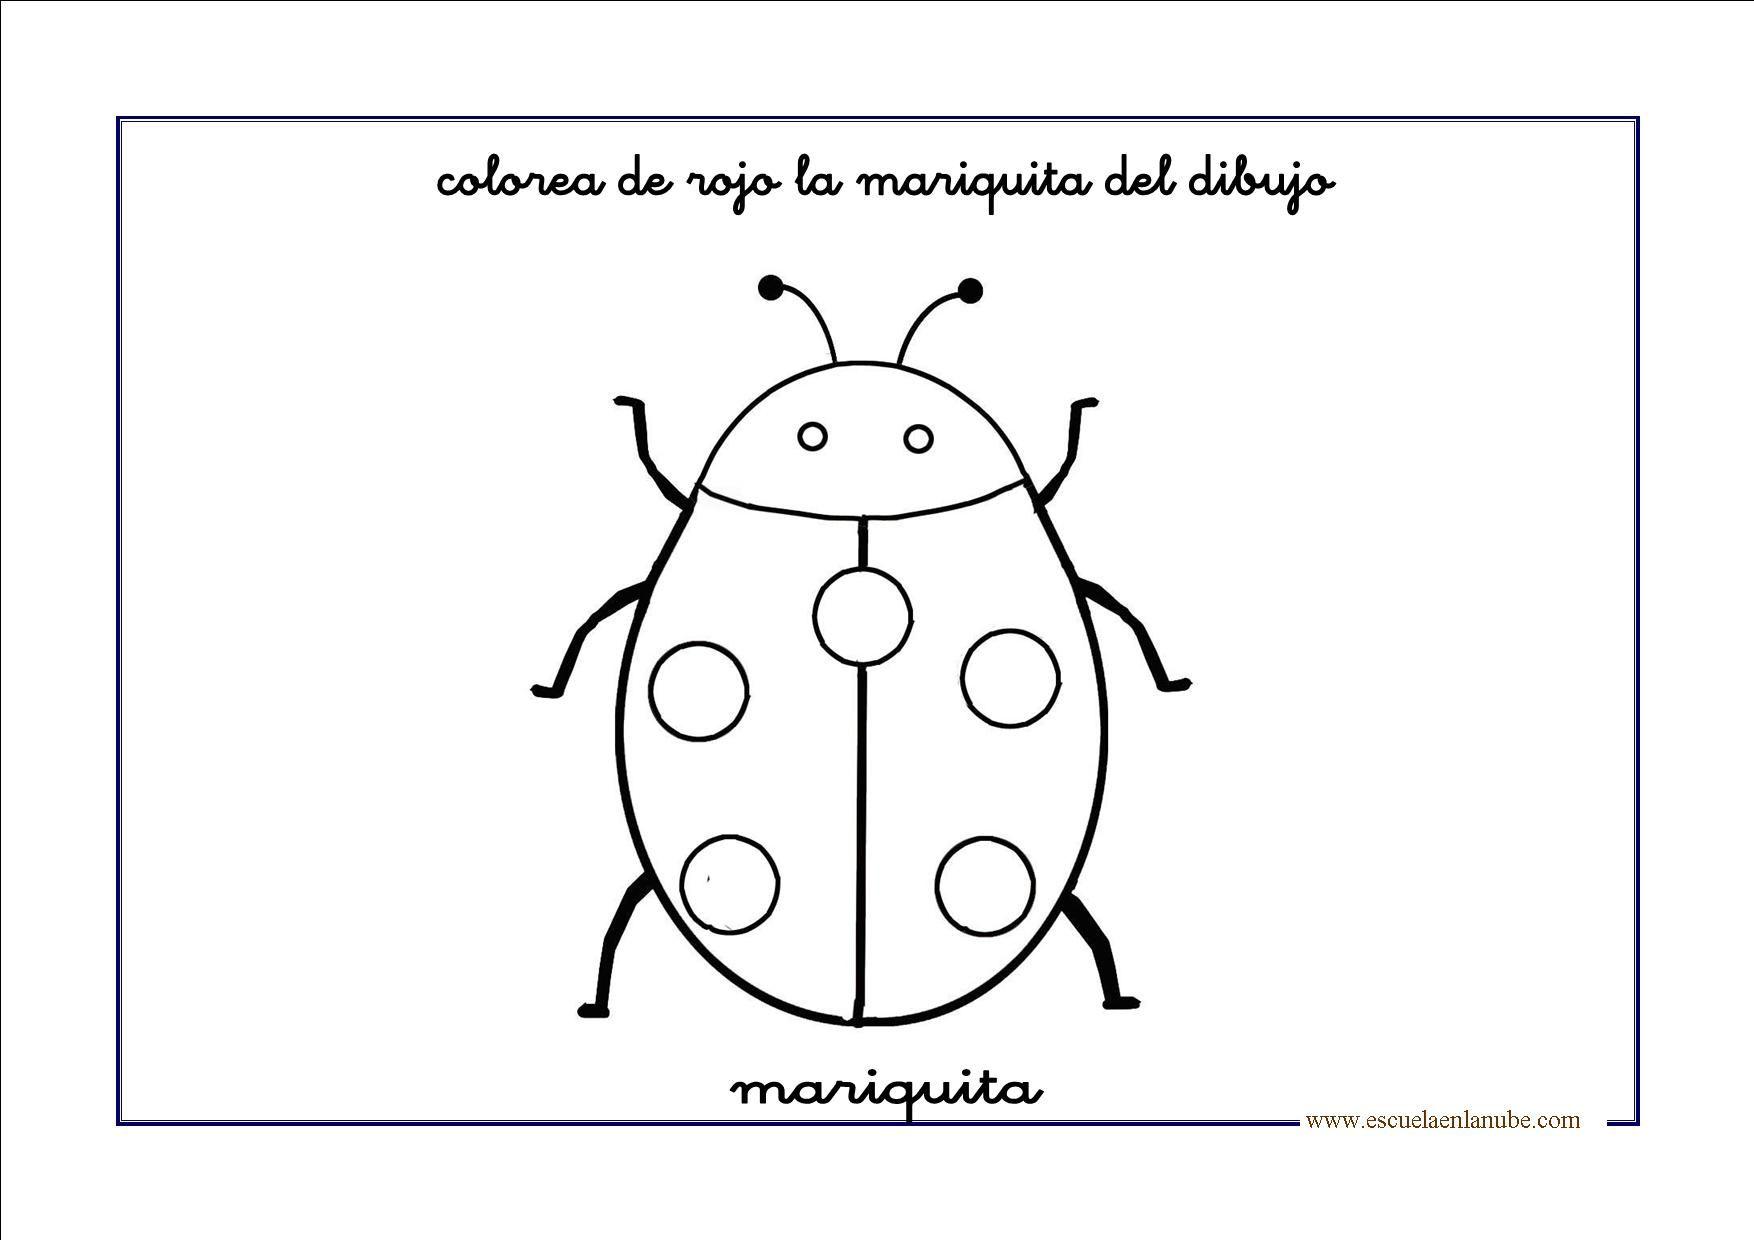 mariquita.jpg (1754×1240) | Mariquita Gruñona | Pinterest | Mariquita